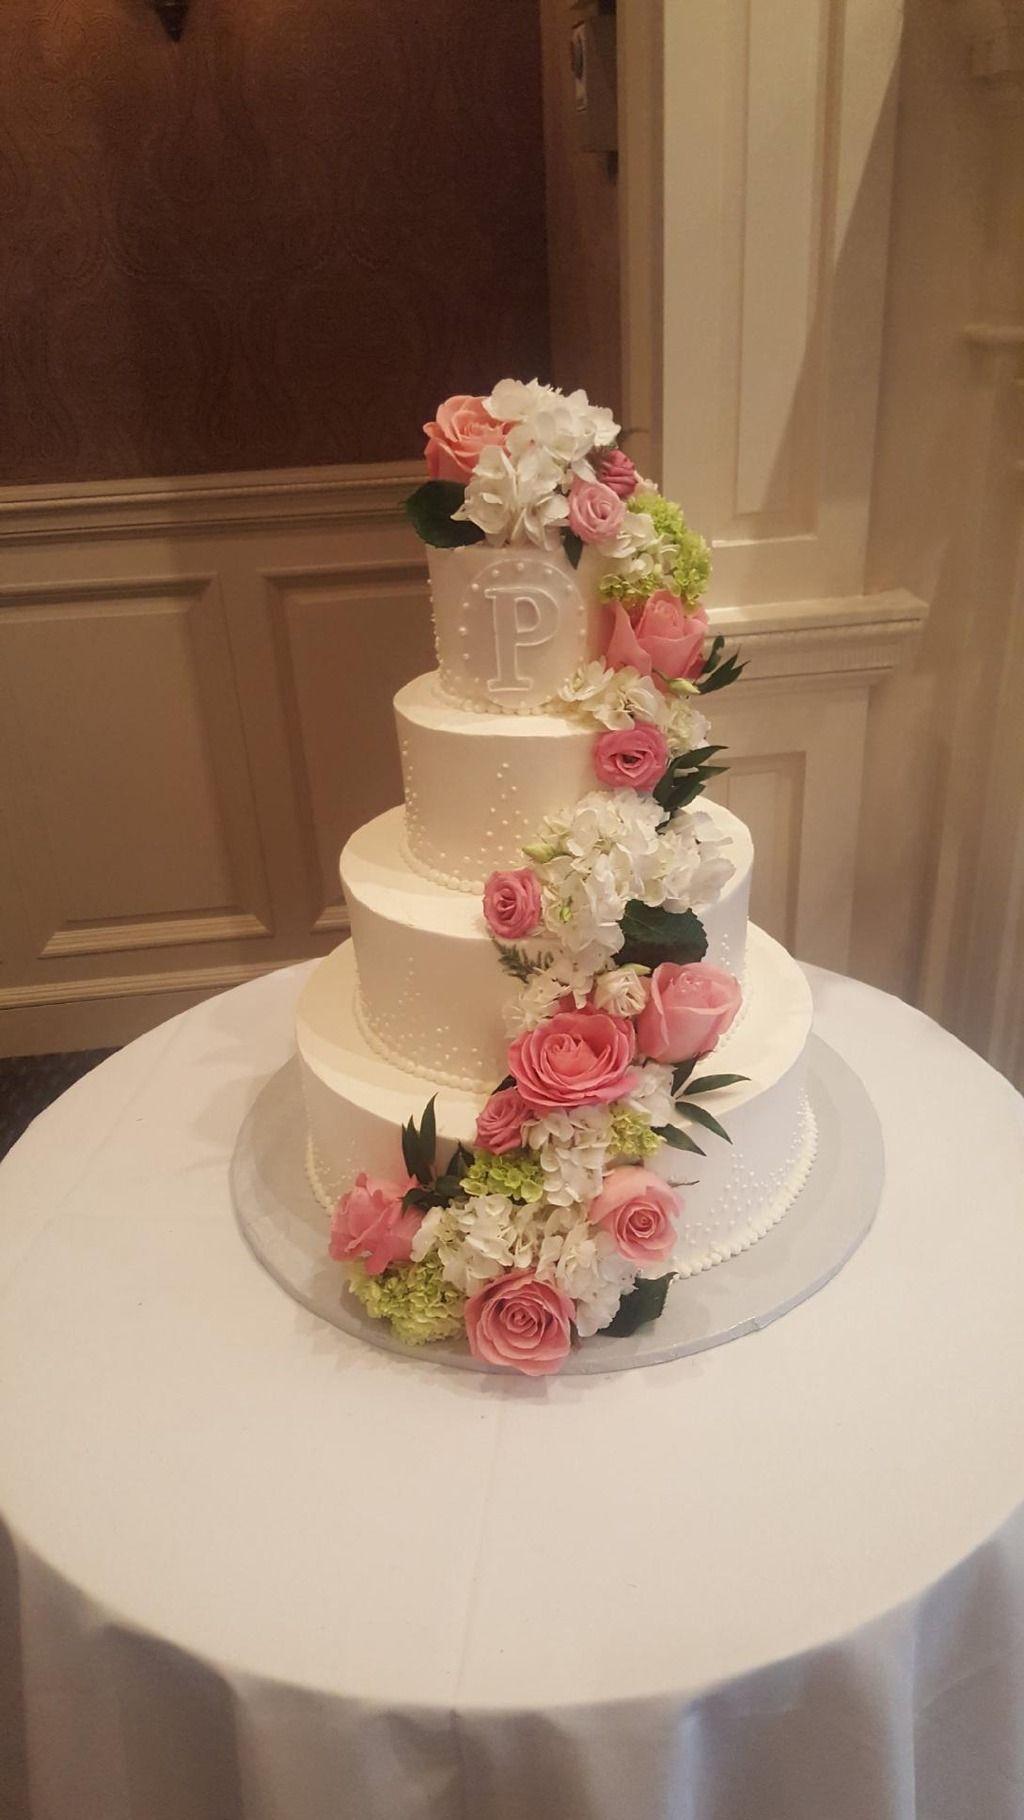 Lovely wedding cake wedding cakes pinterest wedding cake cake